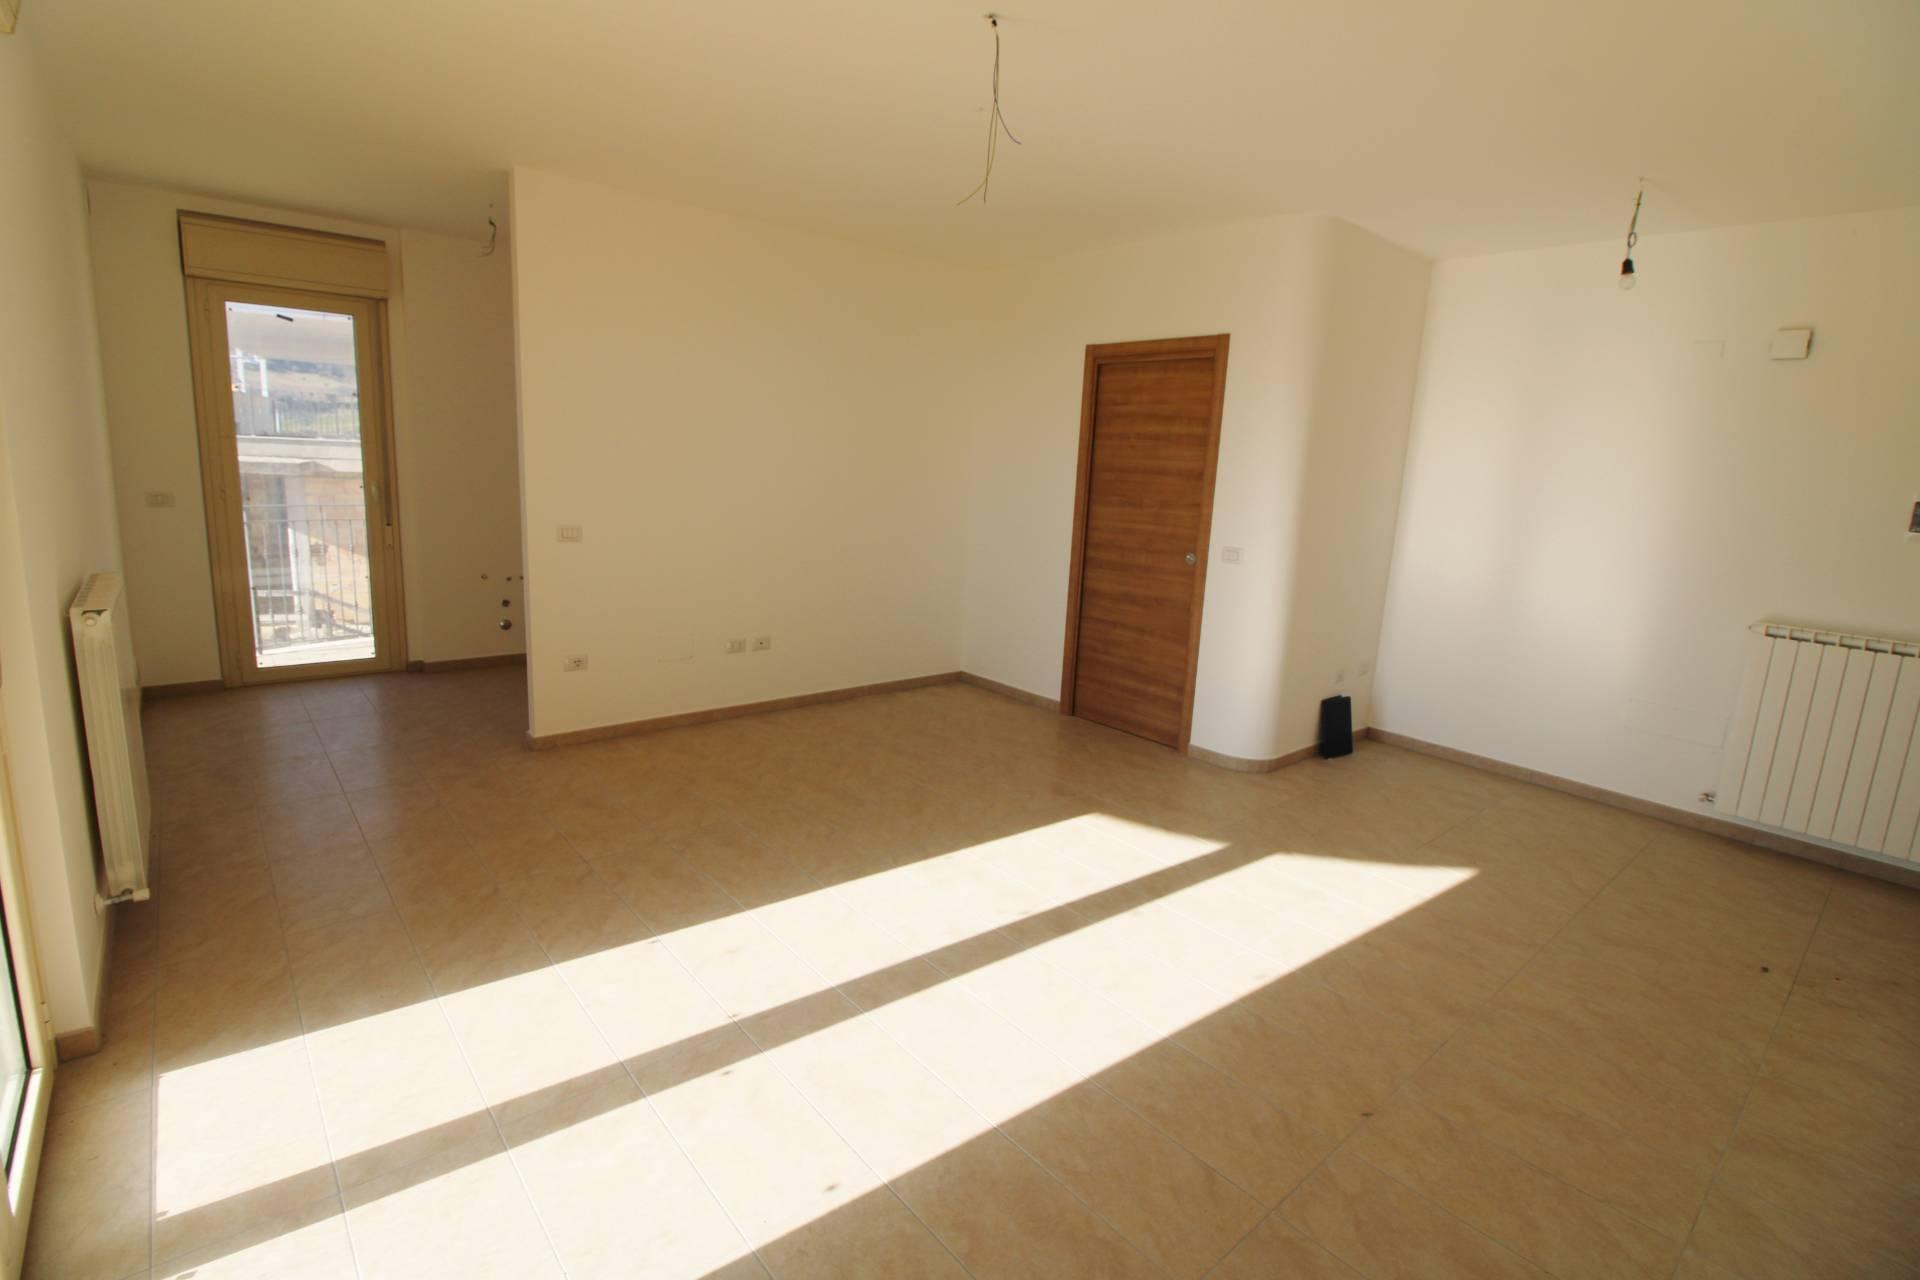 Appartamento in vendita a Colonnella, 3 locali, prezzo € 174.500 | PortaleAgenzieImmobiliari.it